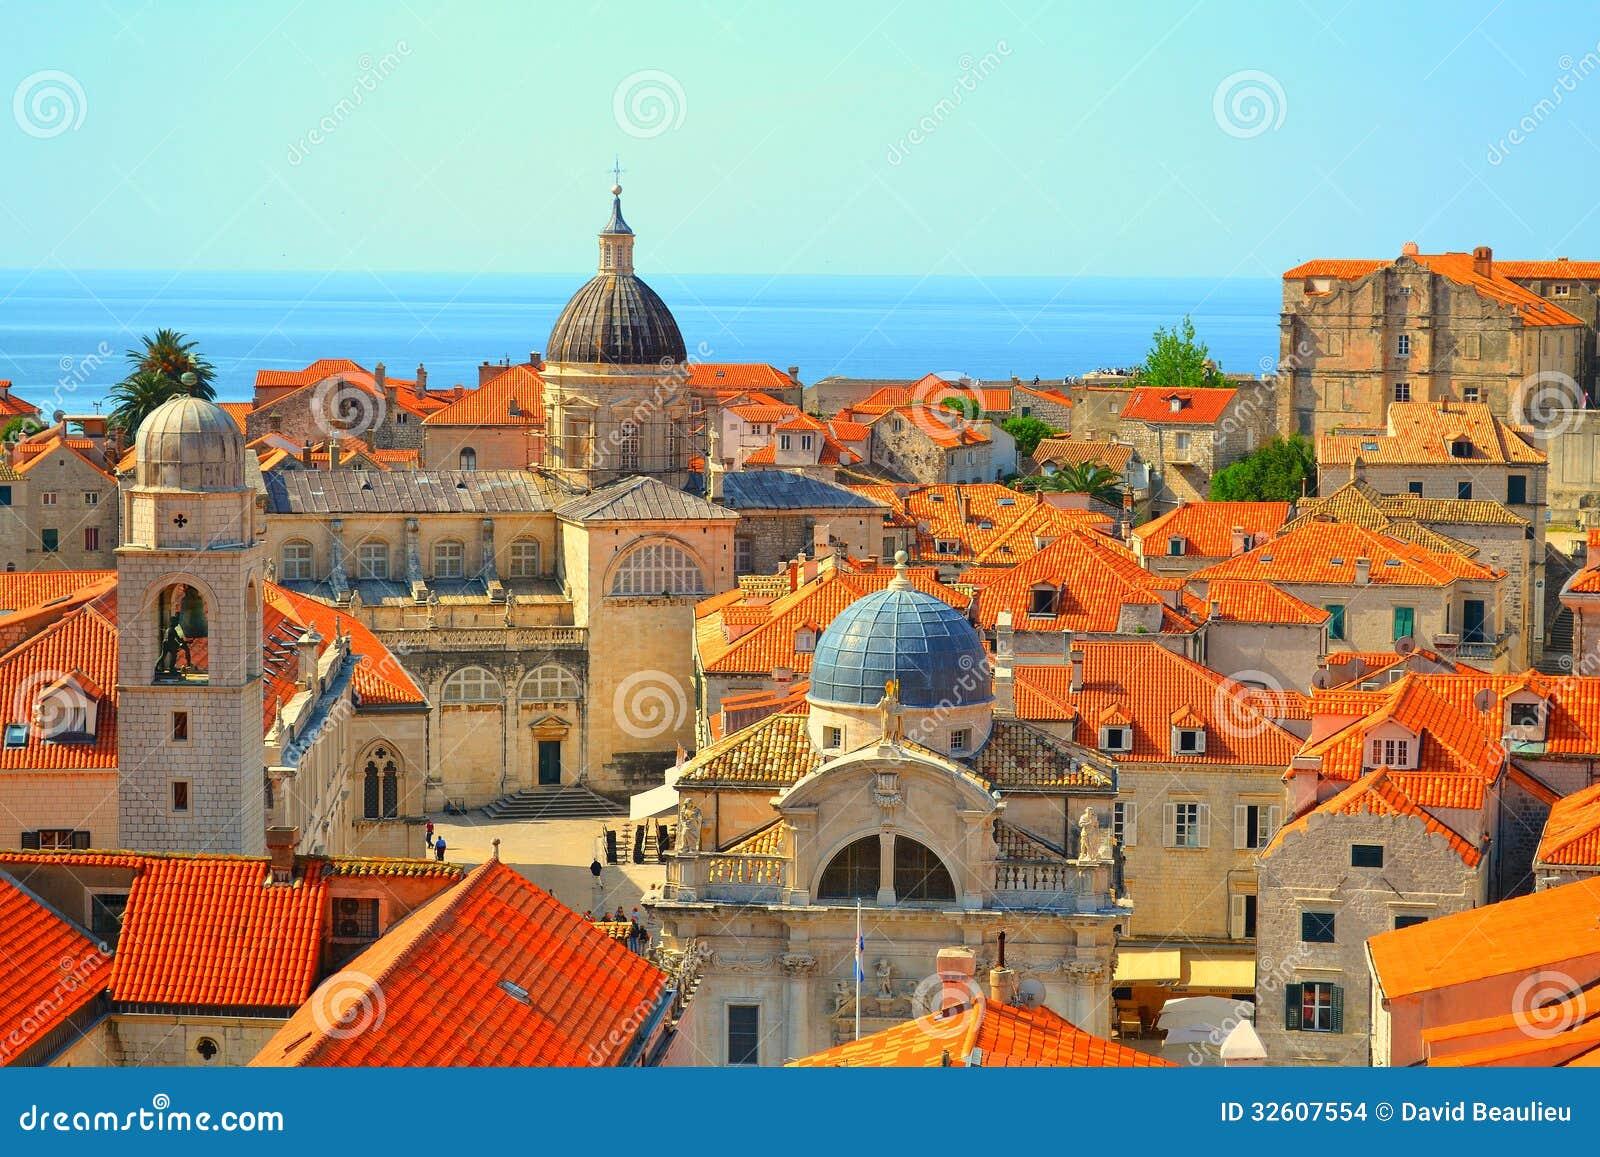 Rooftops in Dubrovnik, Croatia